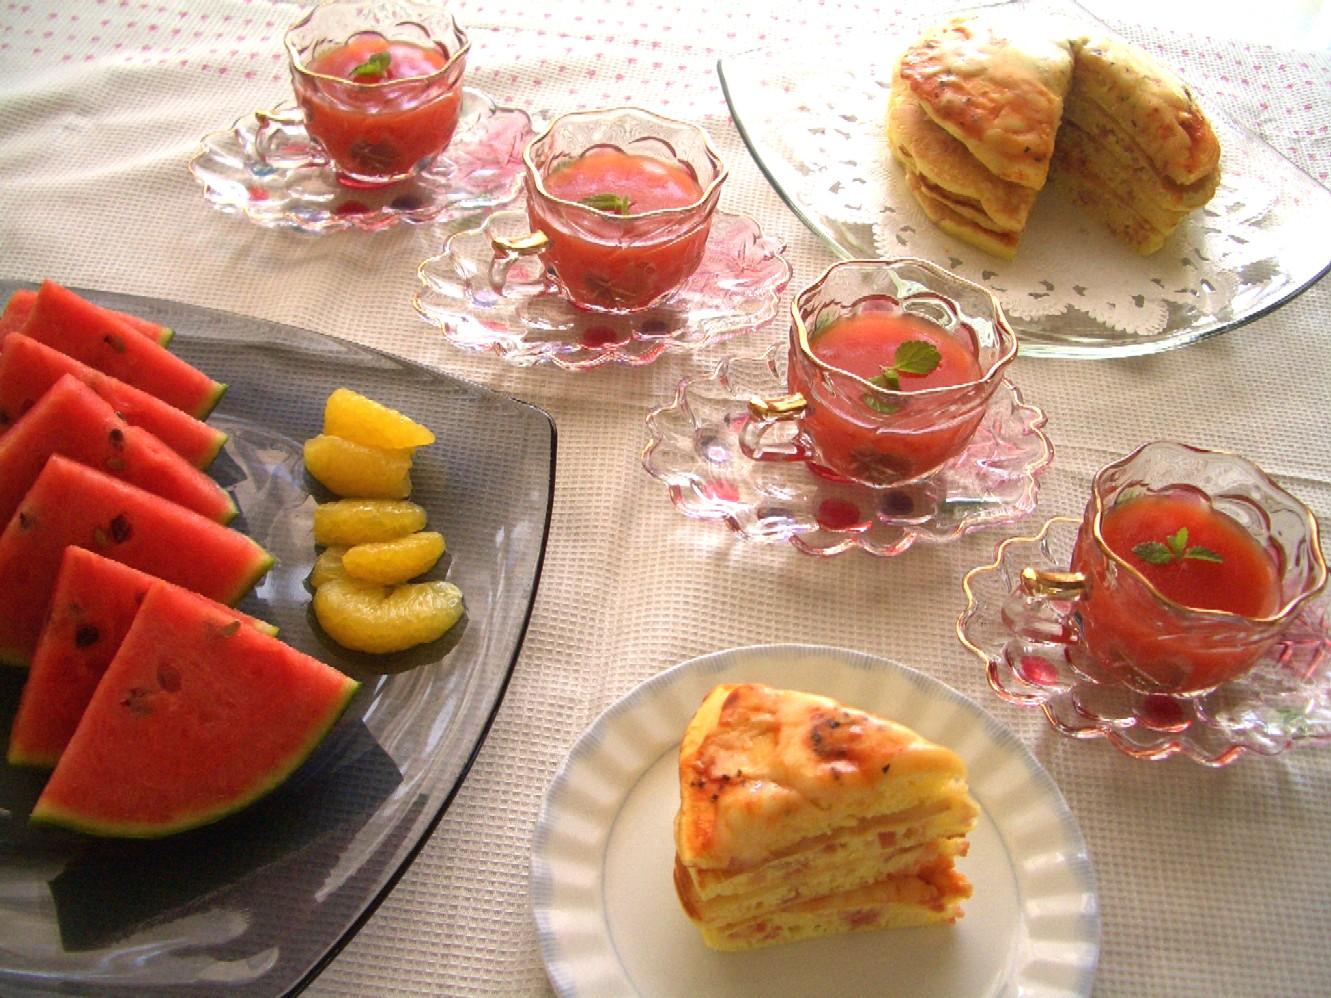 トマト嫌いでもおいしいゼリーとベーコンチーズのパンケーキ_d0034447_1219105.jpg